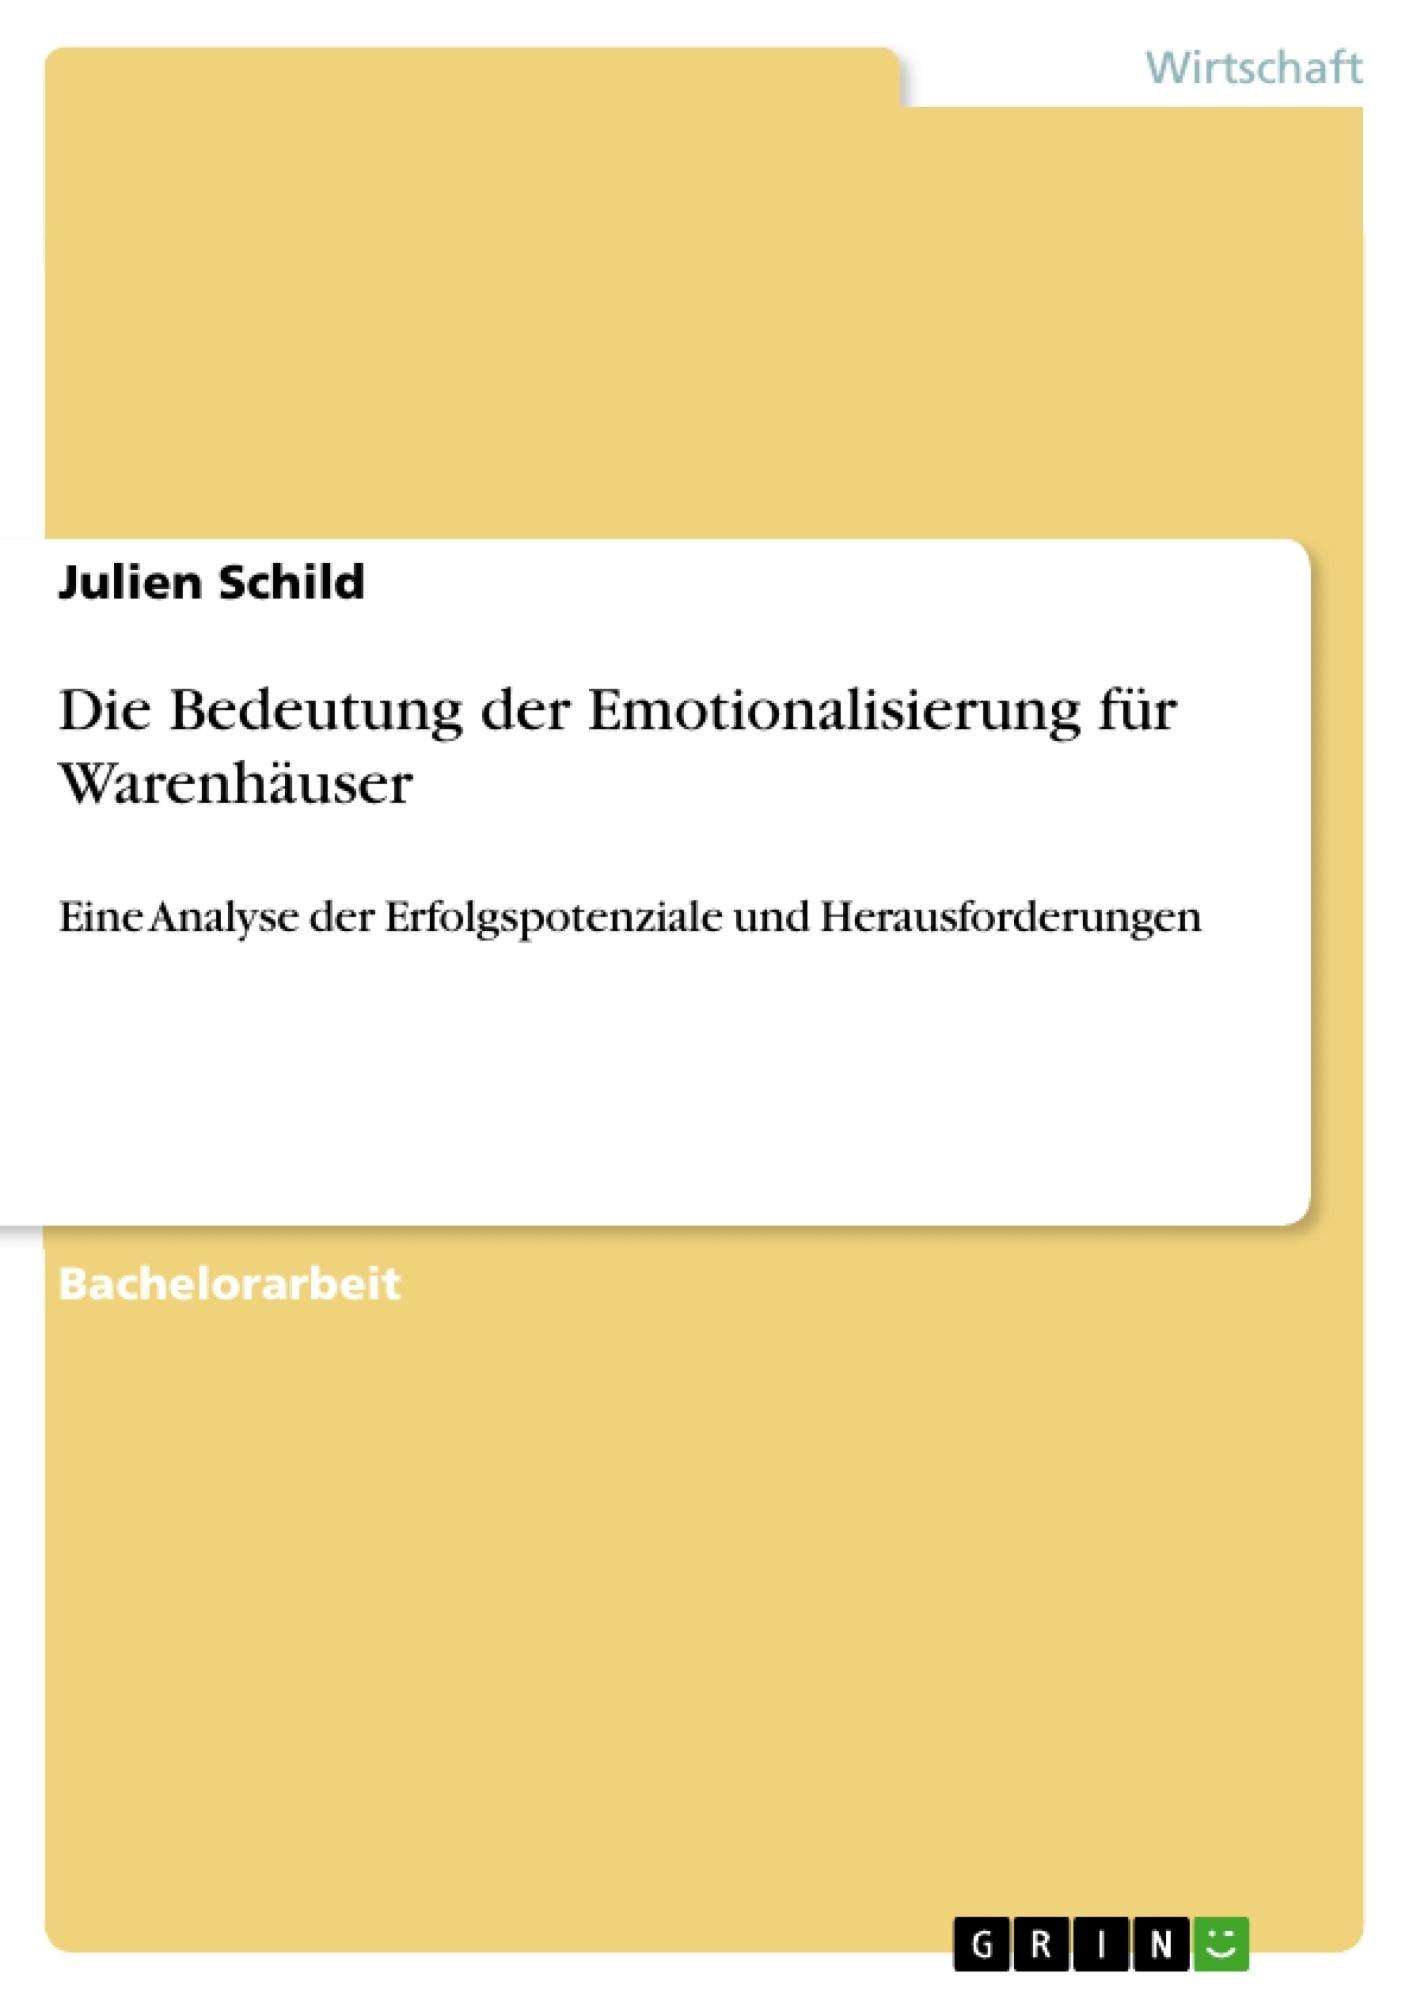 Titel: Die Bedeutung der Emotionalisierung für Warenhäuser